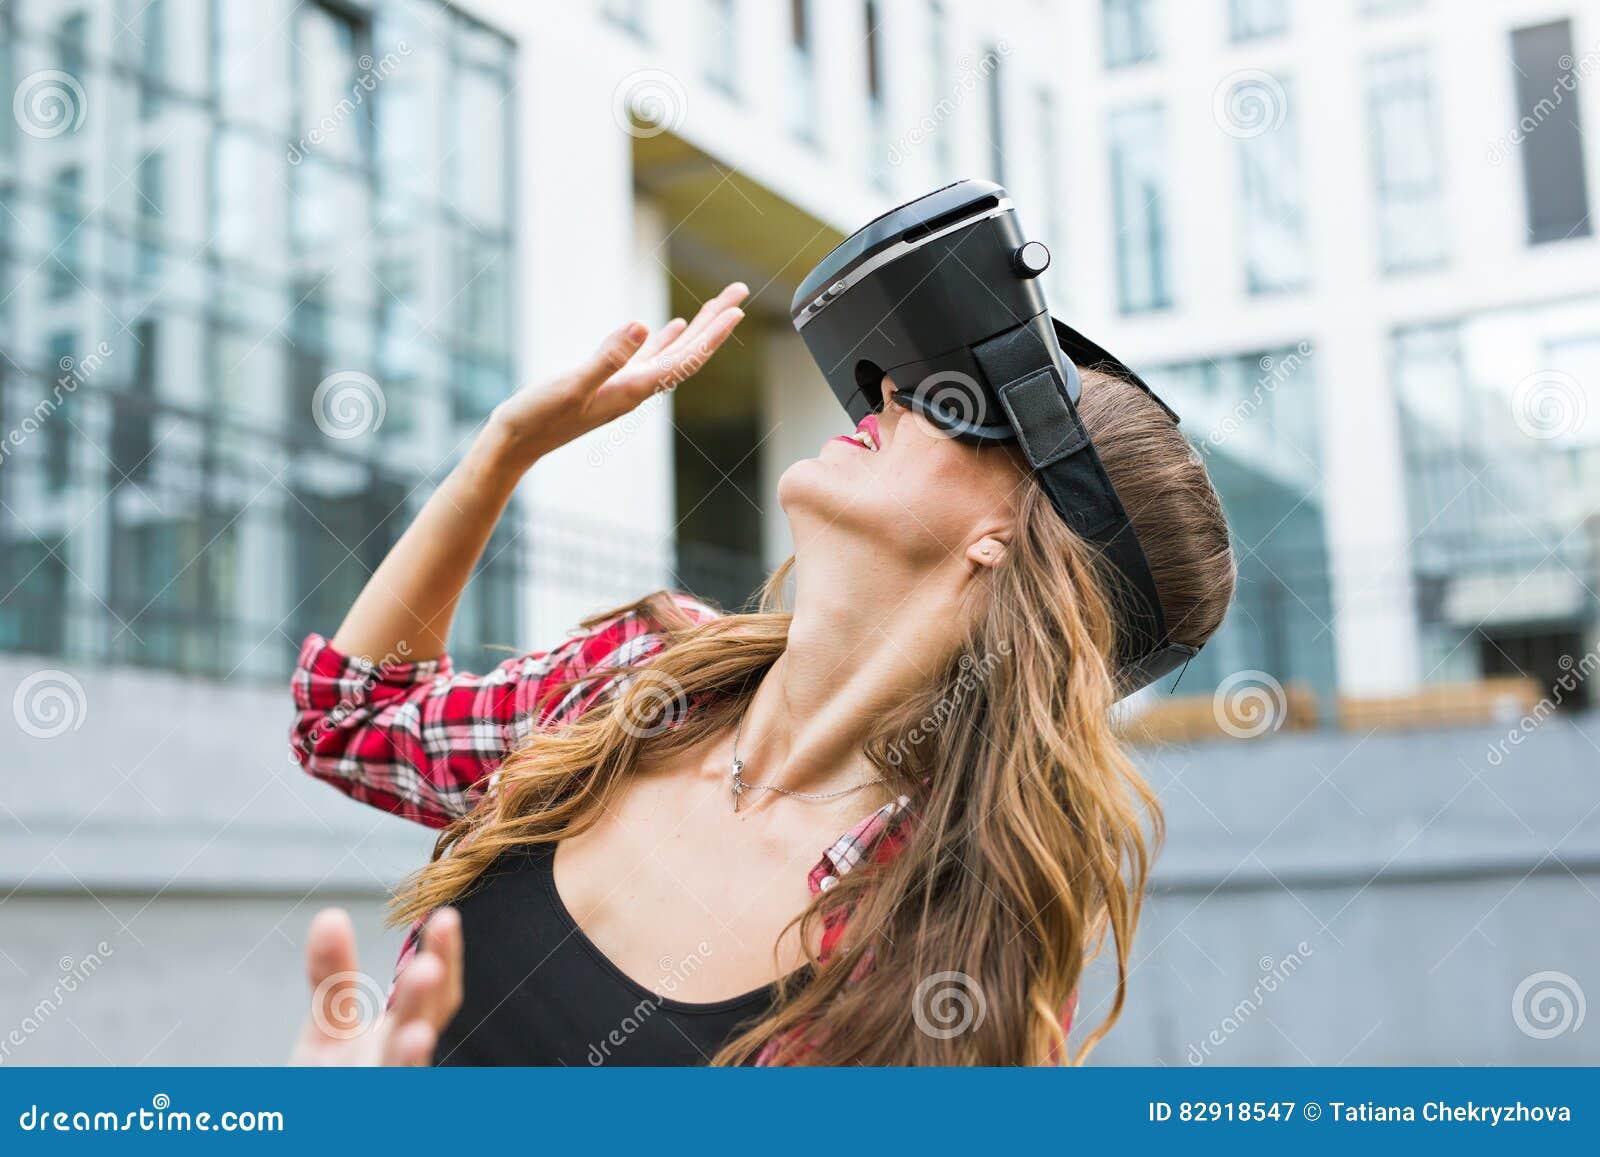 Virtual Reality Sex Pov